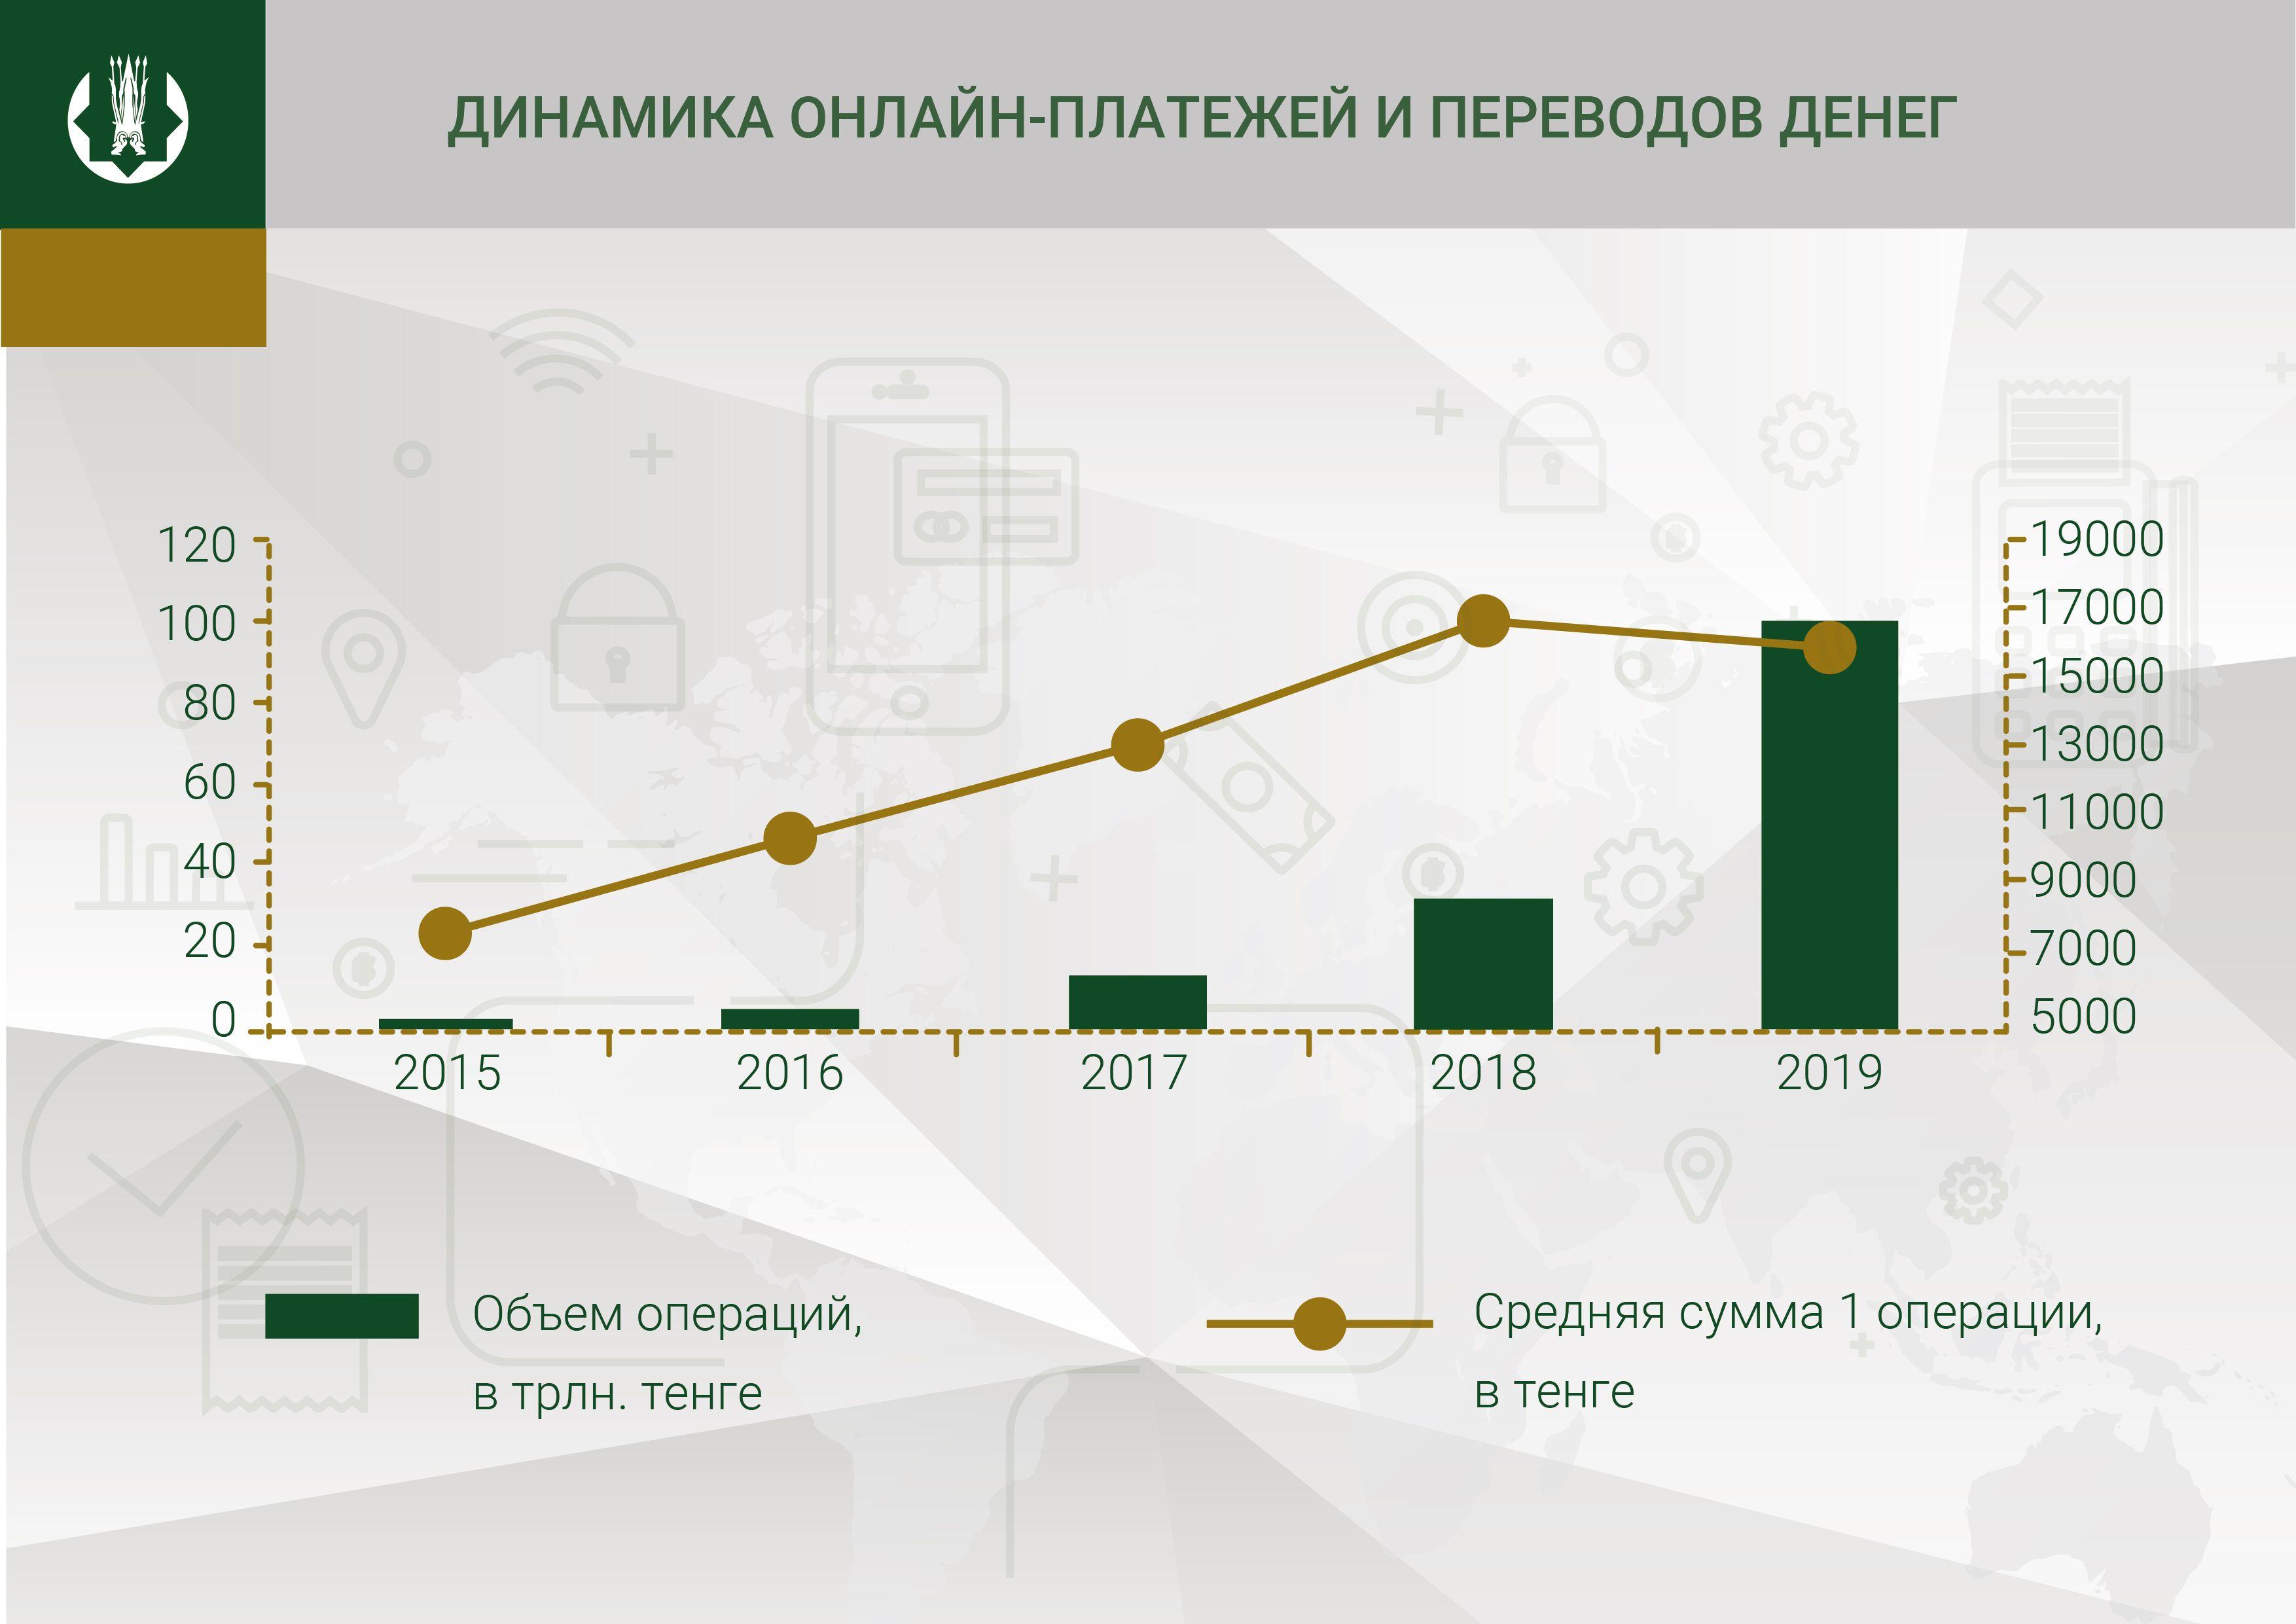 Объем платежей по картам за год превысил 30 трлн тенге 222156 - Kapital.kz